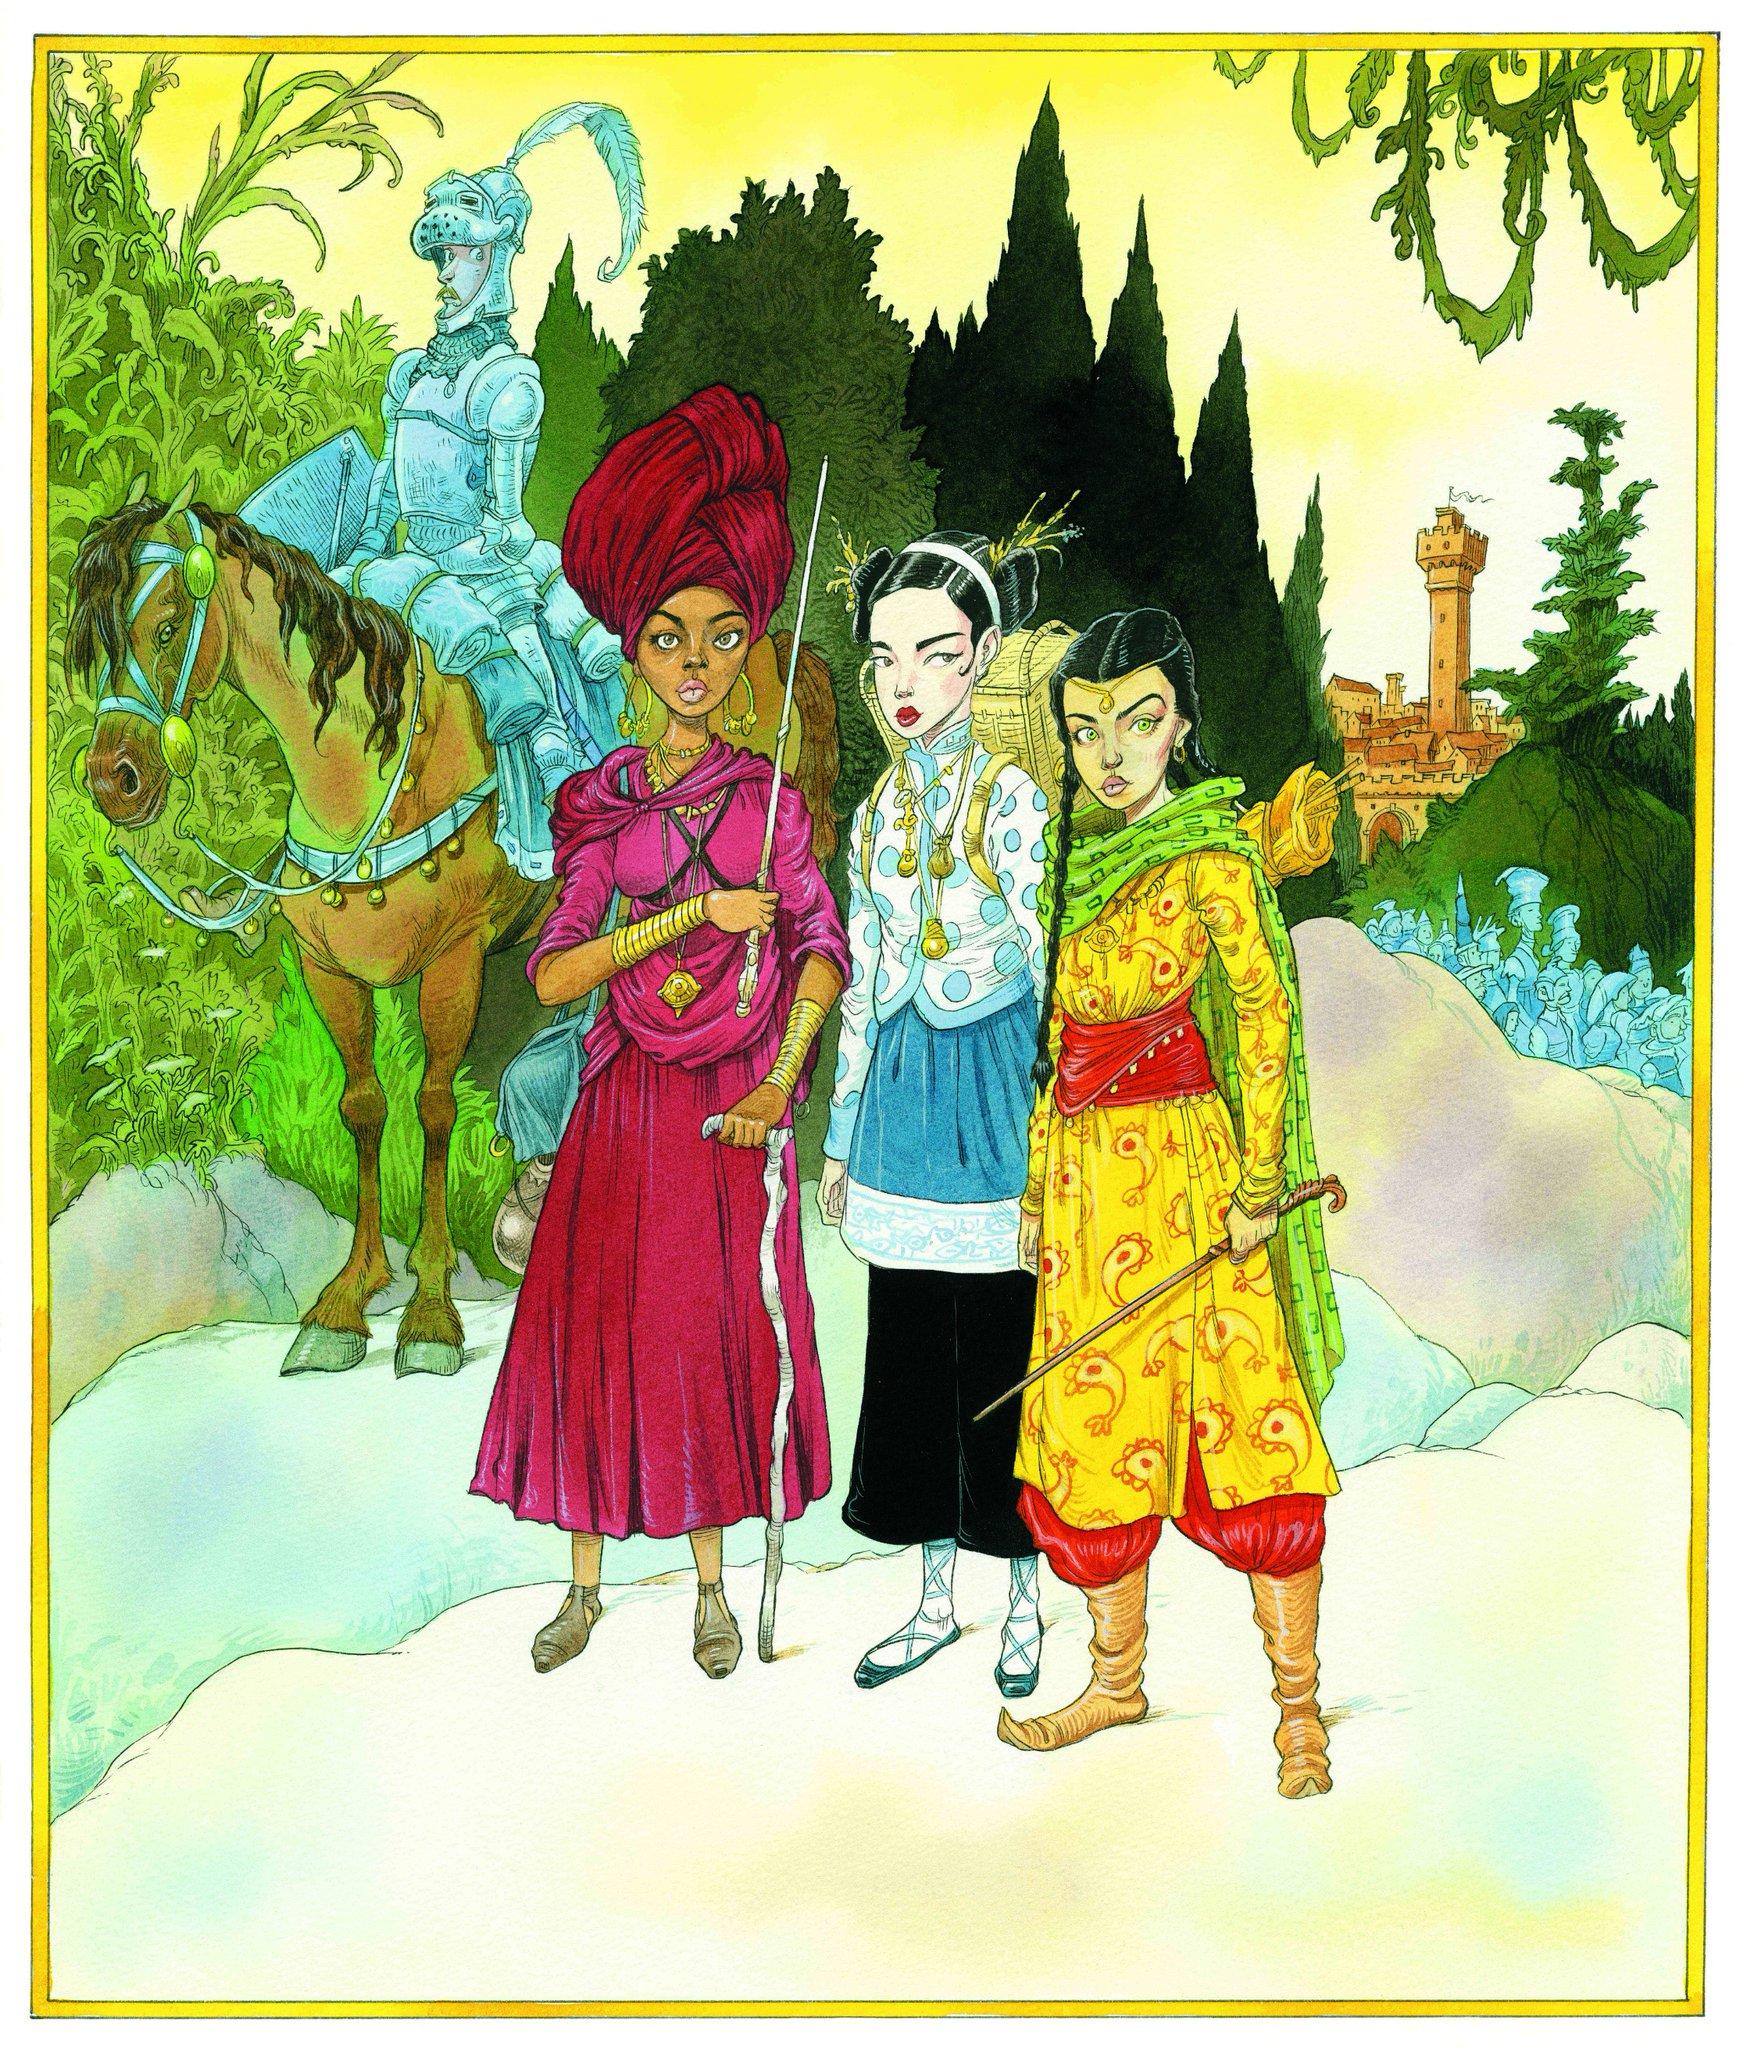 Na ilustração, vemos quatro pessoas. Três mulheres à frente e um homem atrás. As três mulheres são bastante diferentes entre si. Da direita para a esquerda, vemos uma de pele acobreada, com cabelos escuros em tranças. Suas roupas são bastante coloridas, de cores amarela, vermelha e verde. Ela usa uma varinha longa. Ao seu lado, uma mulher de pele alvíssima, carrega uma mochila. Suas roupas são mais discretas que a mulher de pele acobreada. É azul e usa uma calça (ou saia) preta. Ao seu lado, uma mulher de pele escura segura uma varinha longa com a mão direita e uma bengala com a mão esquerda.Ela usa uma roupa de cor-de-rosa e usa um turbante da mesma cor. Atrás delas, vemos um cavaleiro em tons azulados. Ele olha para as mulheres desconfiado e assustado. Ele está montado num cavalo de cor marrom. Na paisagem, vemos uma multidão agrupada em tons azulados e um castelo mais ao fundo. Ao redor deles, uma plantação verde rica.